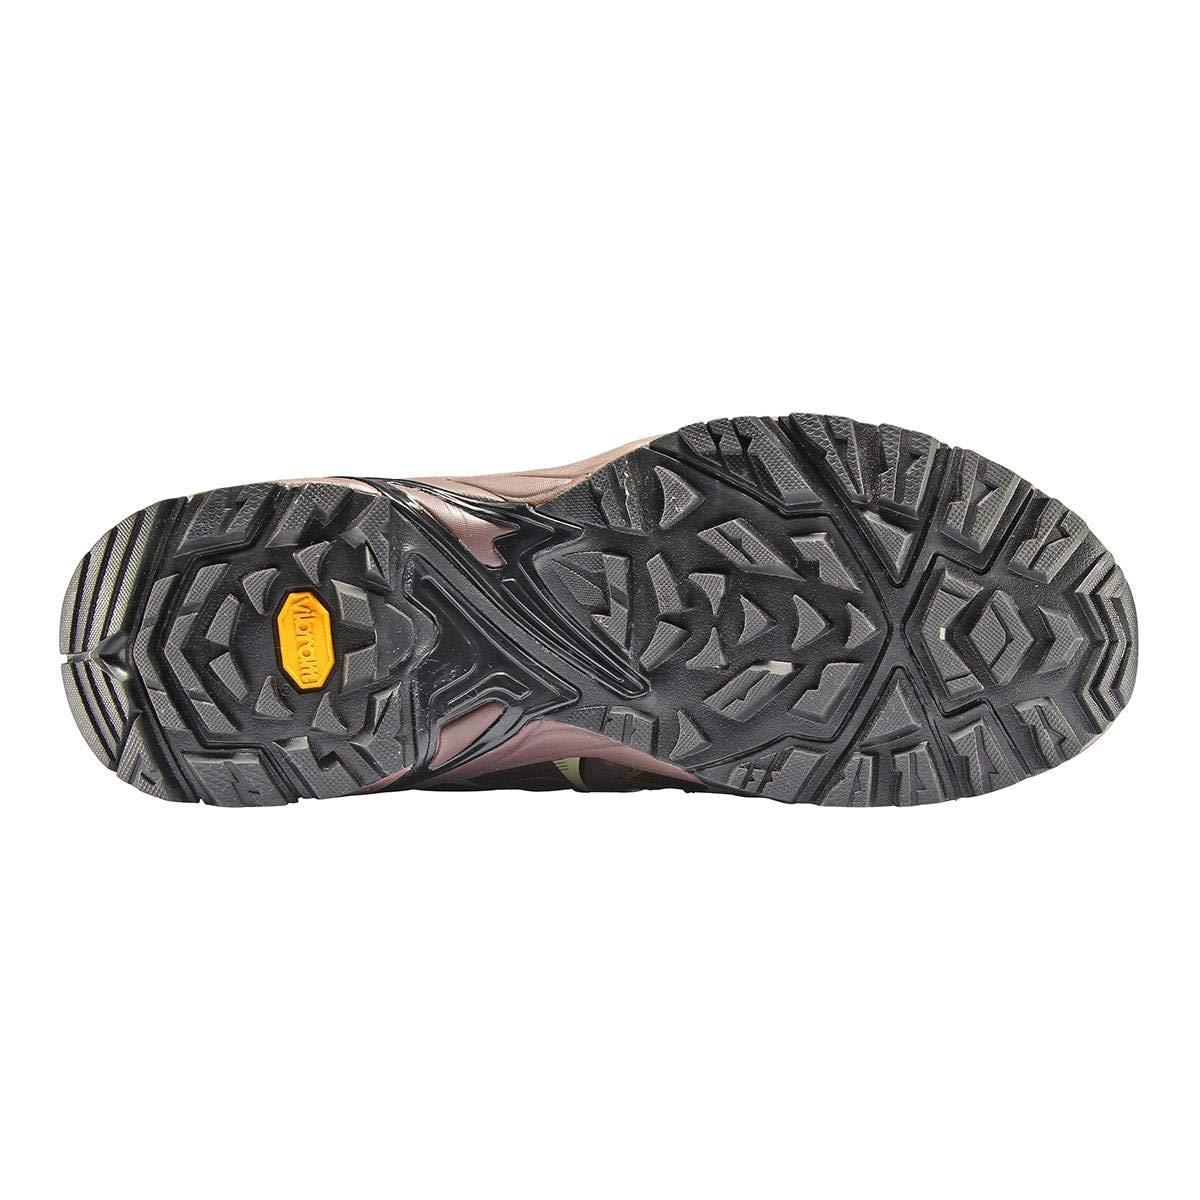 + 8000 Zapatillas Trekking Telmo marrón Membrana Impermeable Waterproof Skintex y Suela Vibram: Amazon.es: Zapatos y complementos